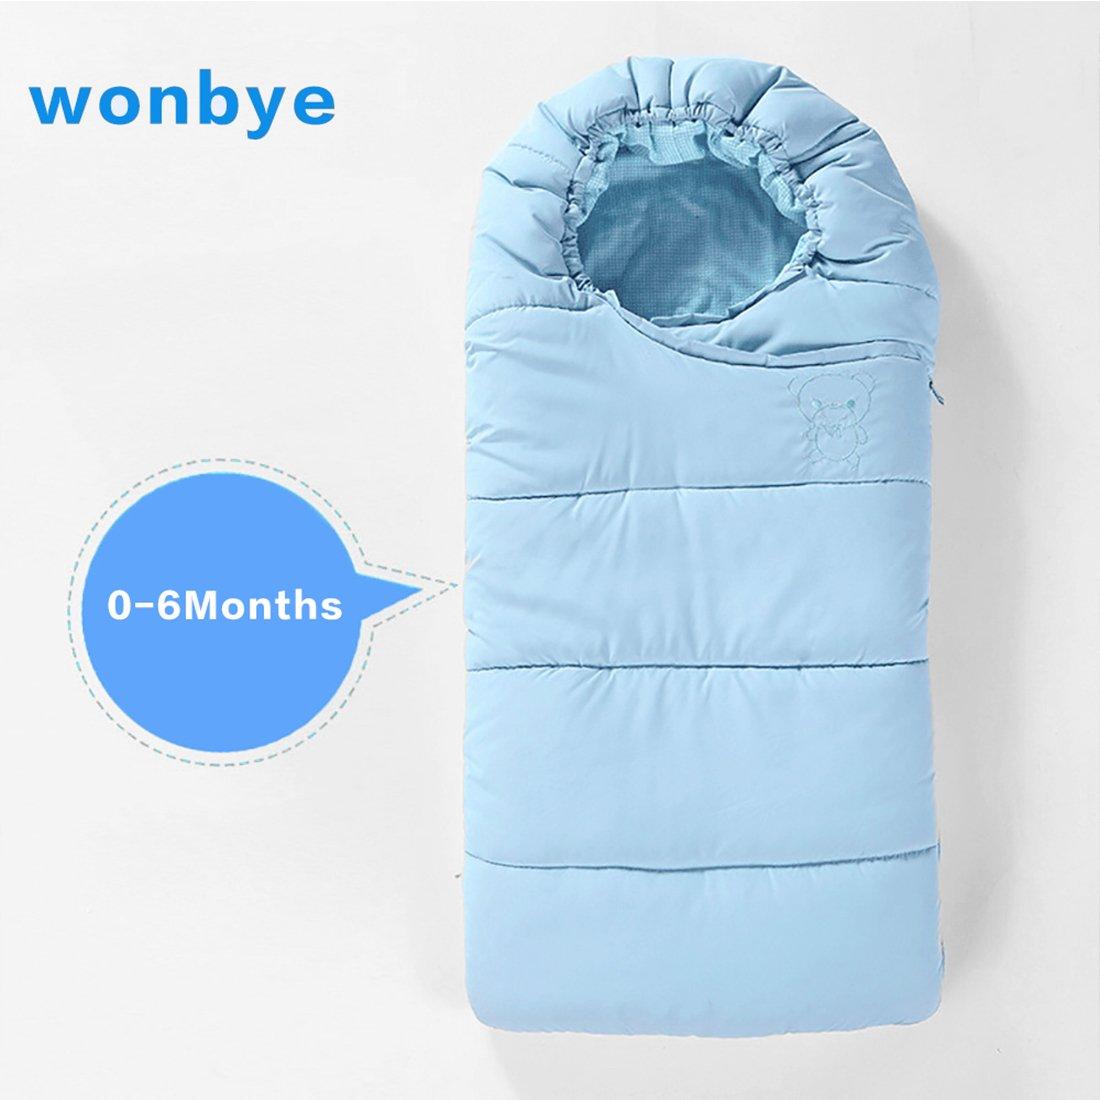 wonbye Universal Baby Stroller Sleeping Bag Baby Bunting Bag (Blue 0-6 Months)